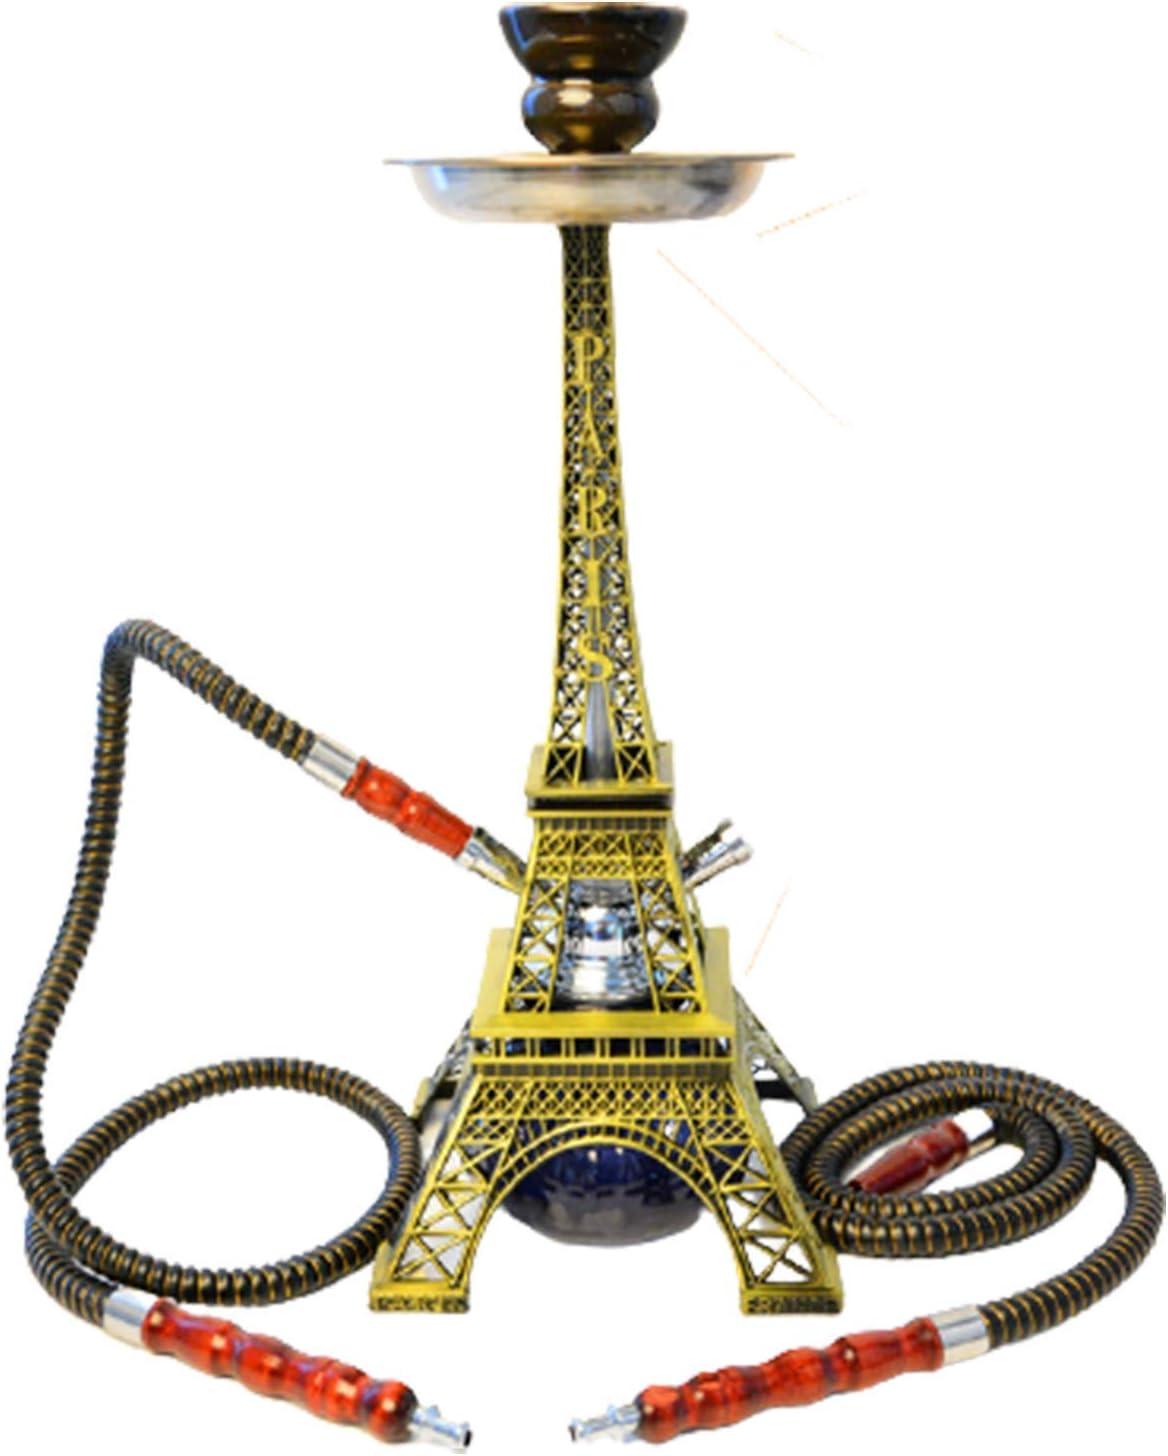 RHJK Juego De Cachimba Shisha, Kit Forma Torre Eiffel Cuenco Cerámica Abrazadera para Carbón Conector Manguera Accesorio Dos Mangueras Creativas Juego Completo Premium Ma